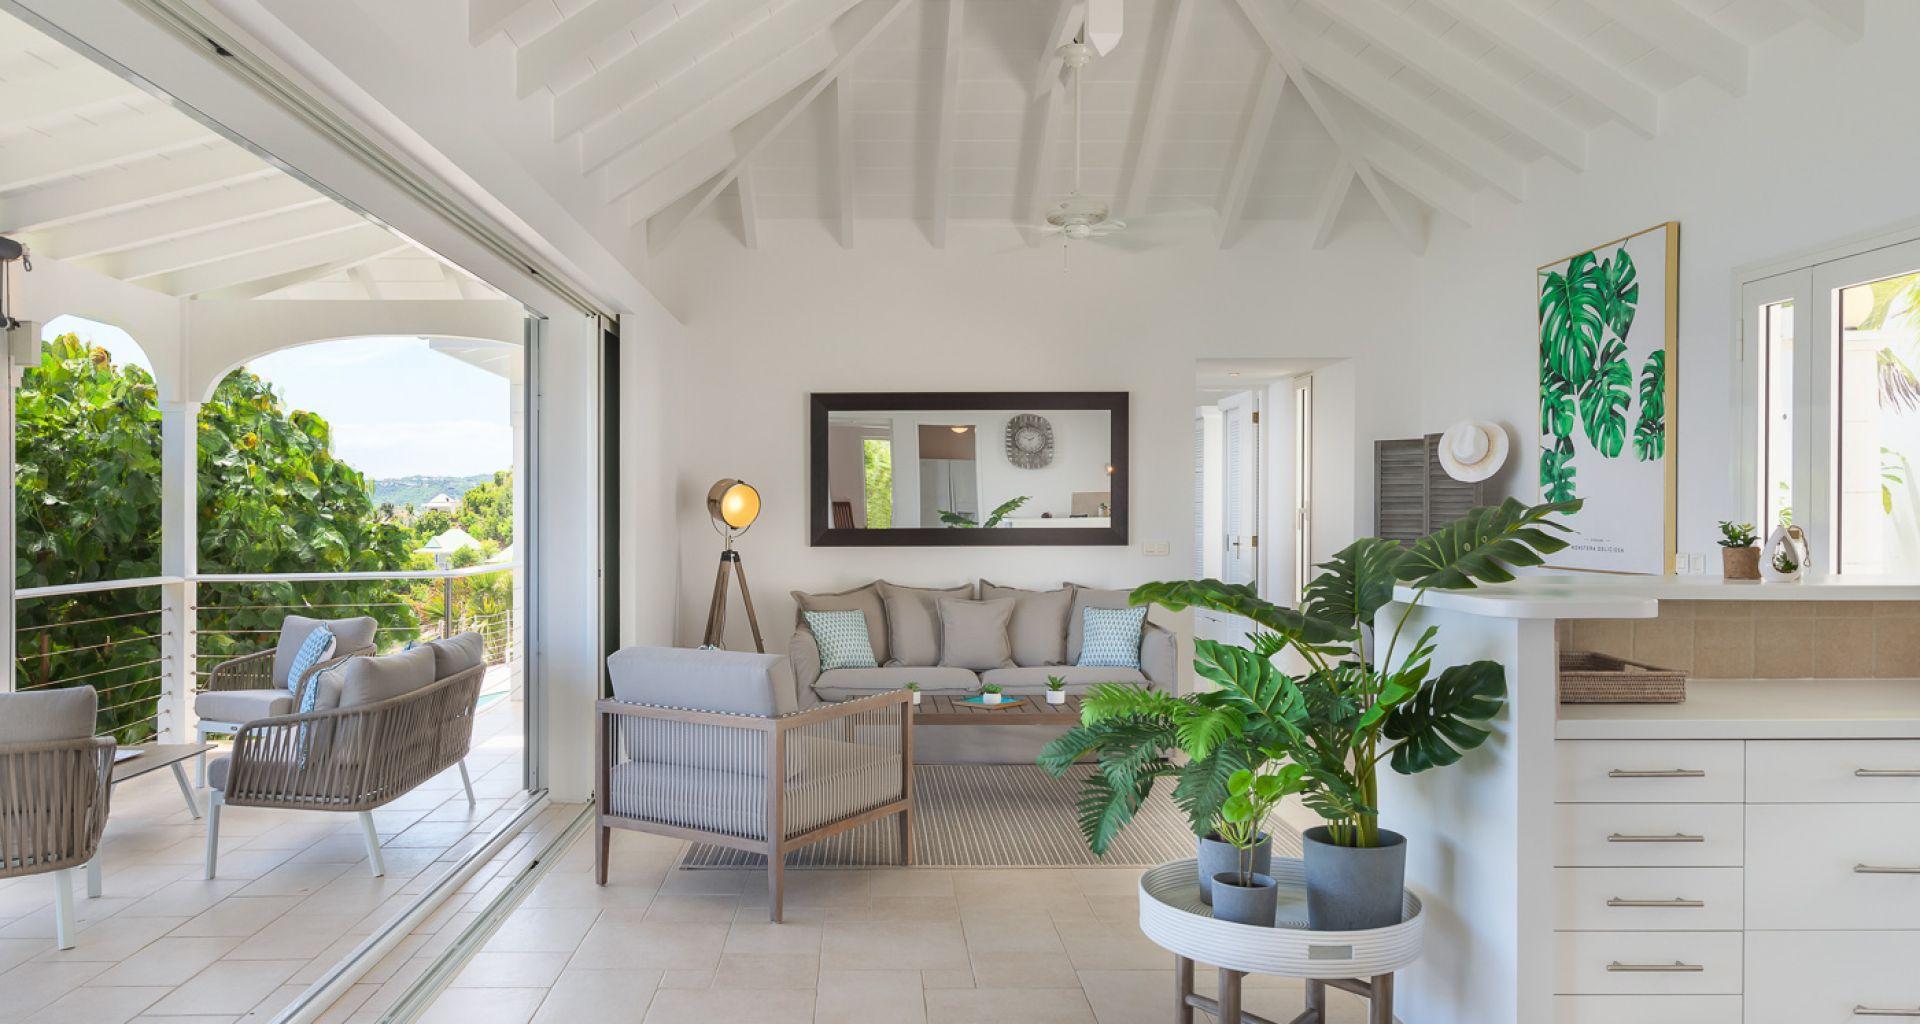 Villa Lo Scoglio - villa rental St Barth with Jacuzzi - Living room